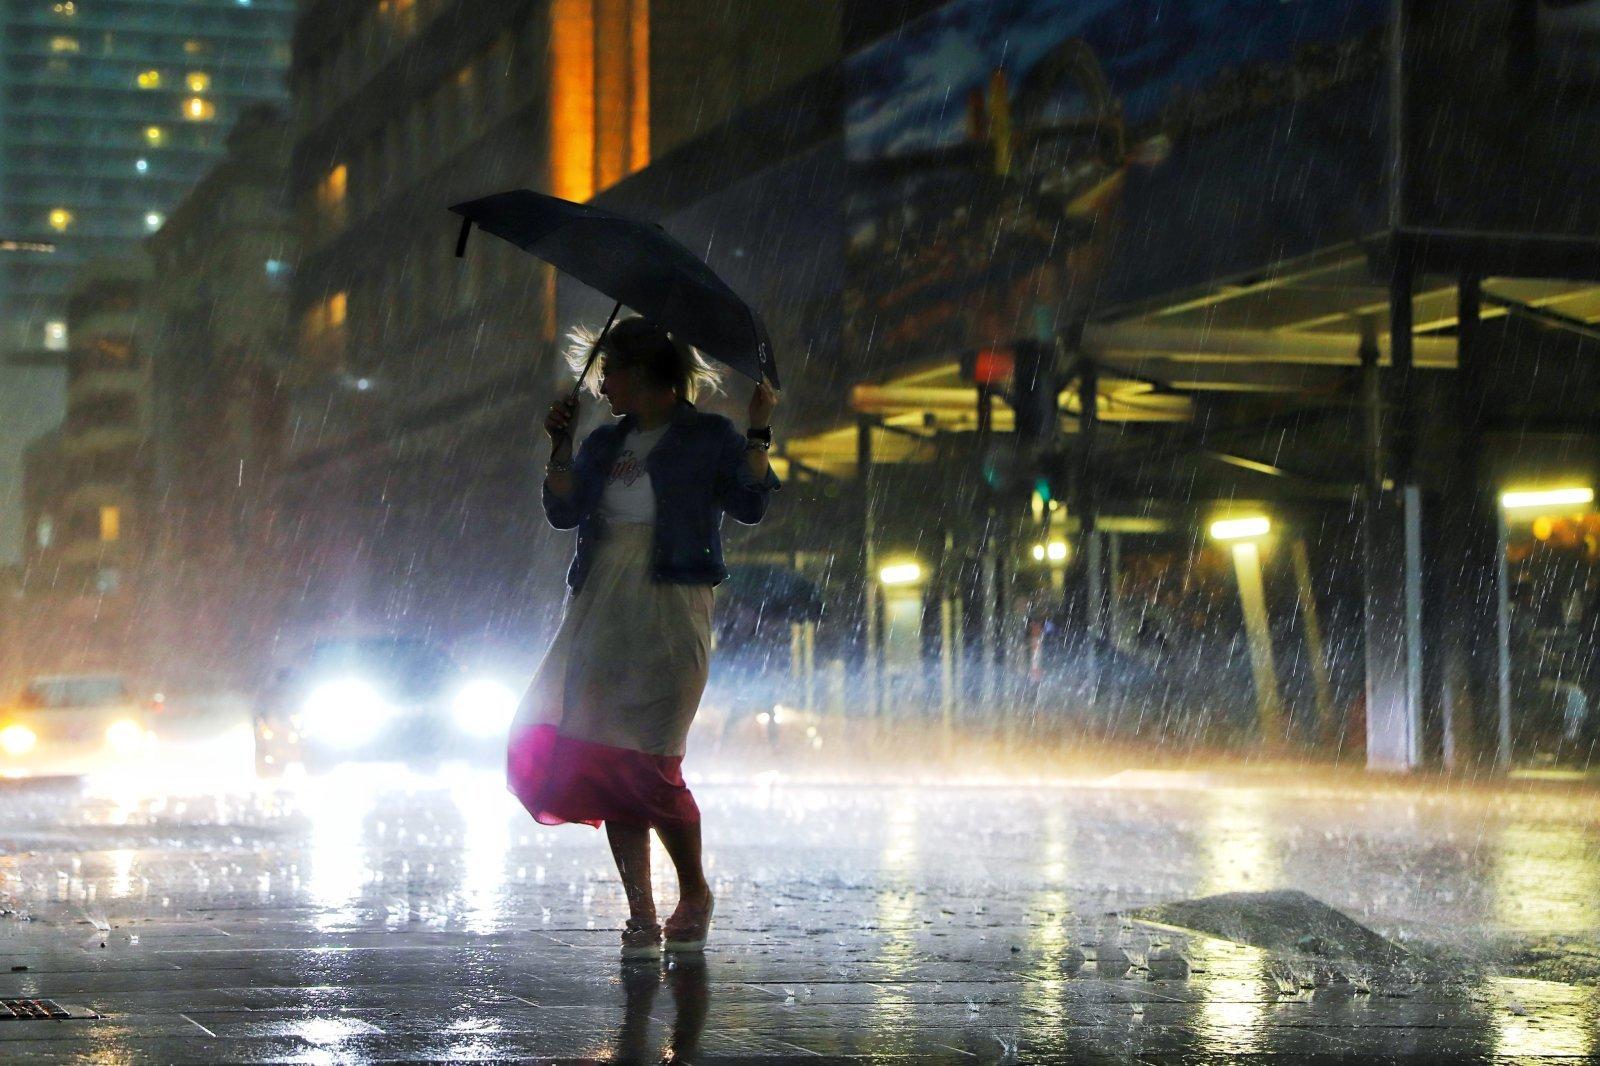 Nước mưa cũng có thể trở thành một nguồn cấp điện hiệu quả. Ảnh: Cesare Fel/EyeEm/Getty Images.